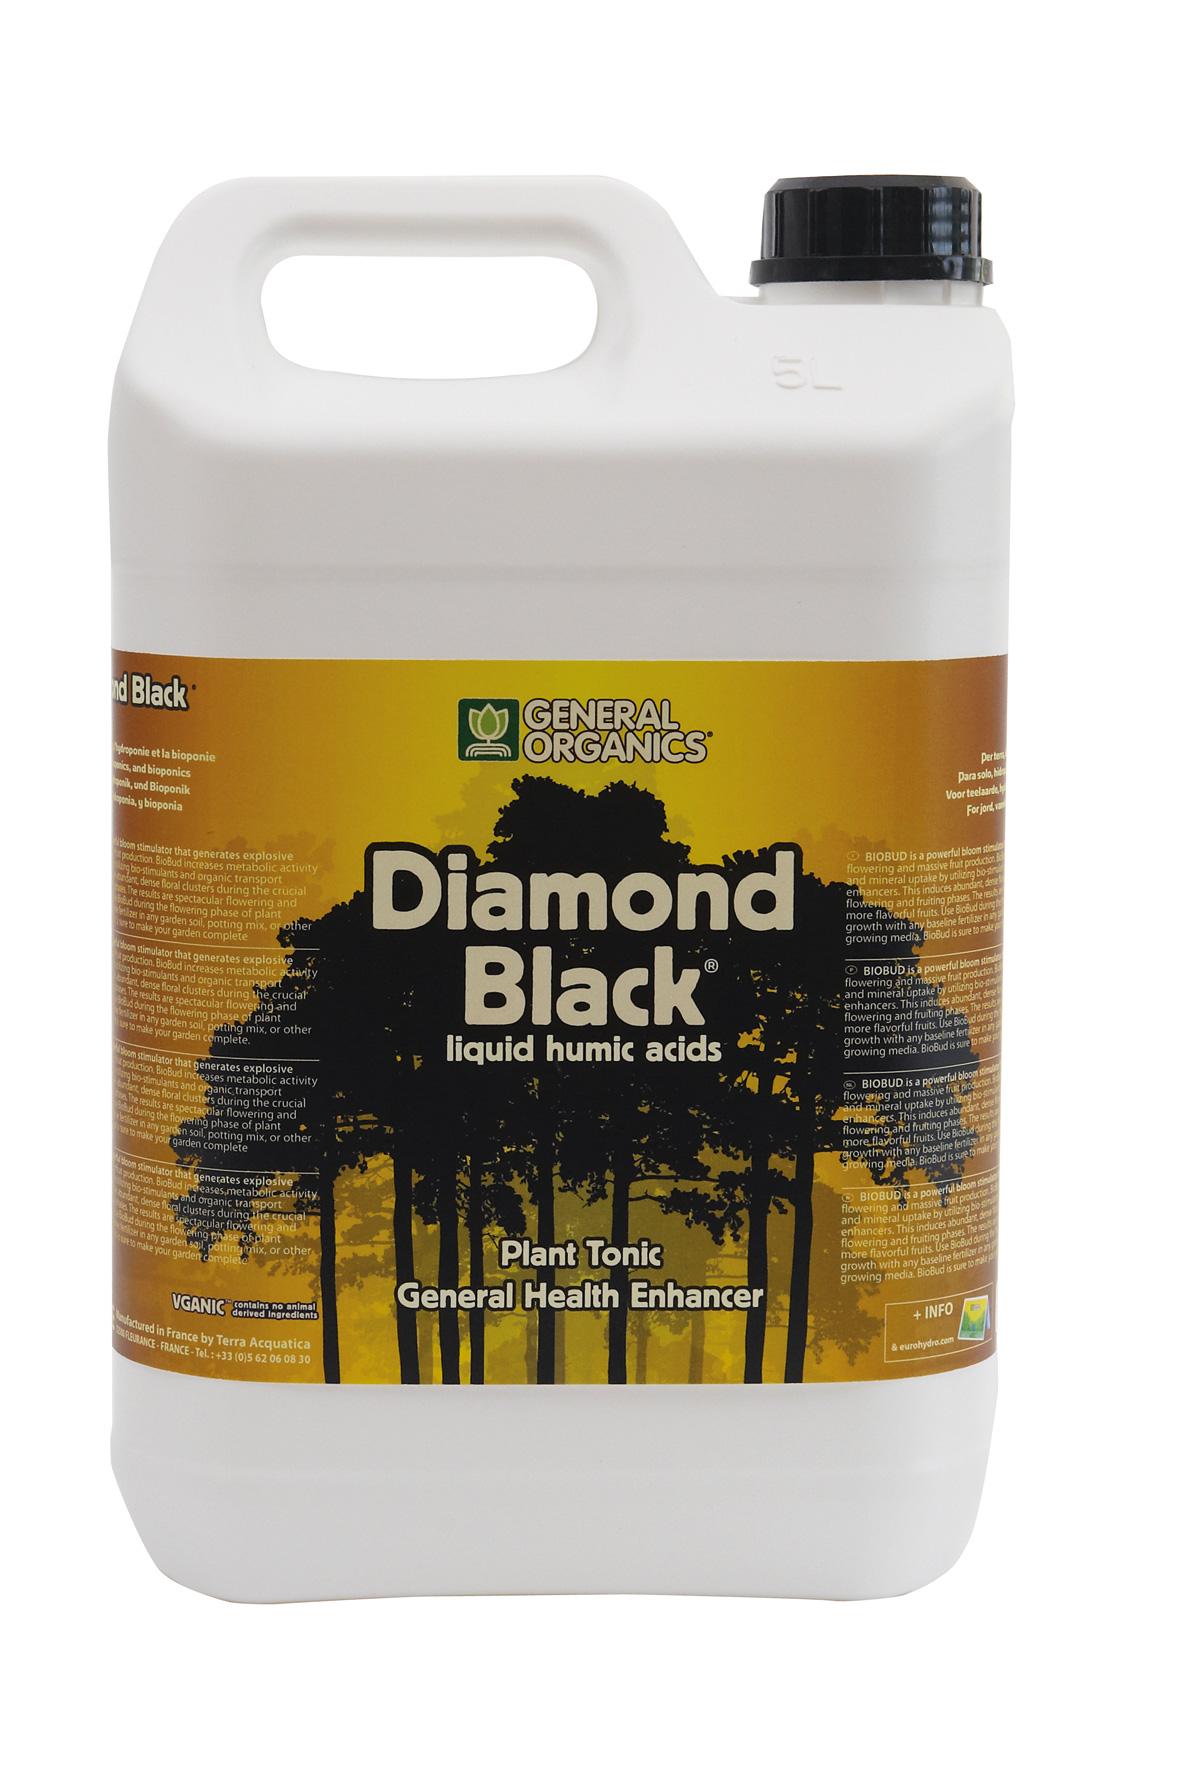 General Organics Diamond Black 5 l